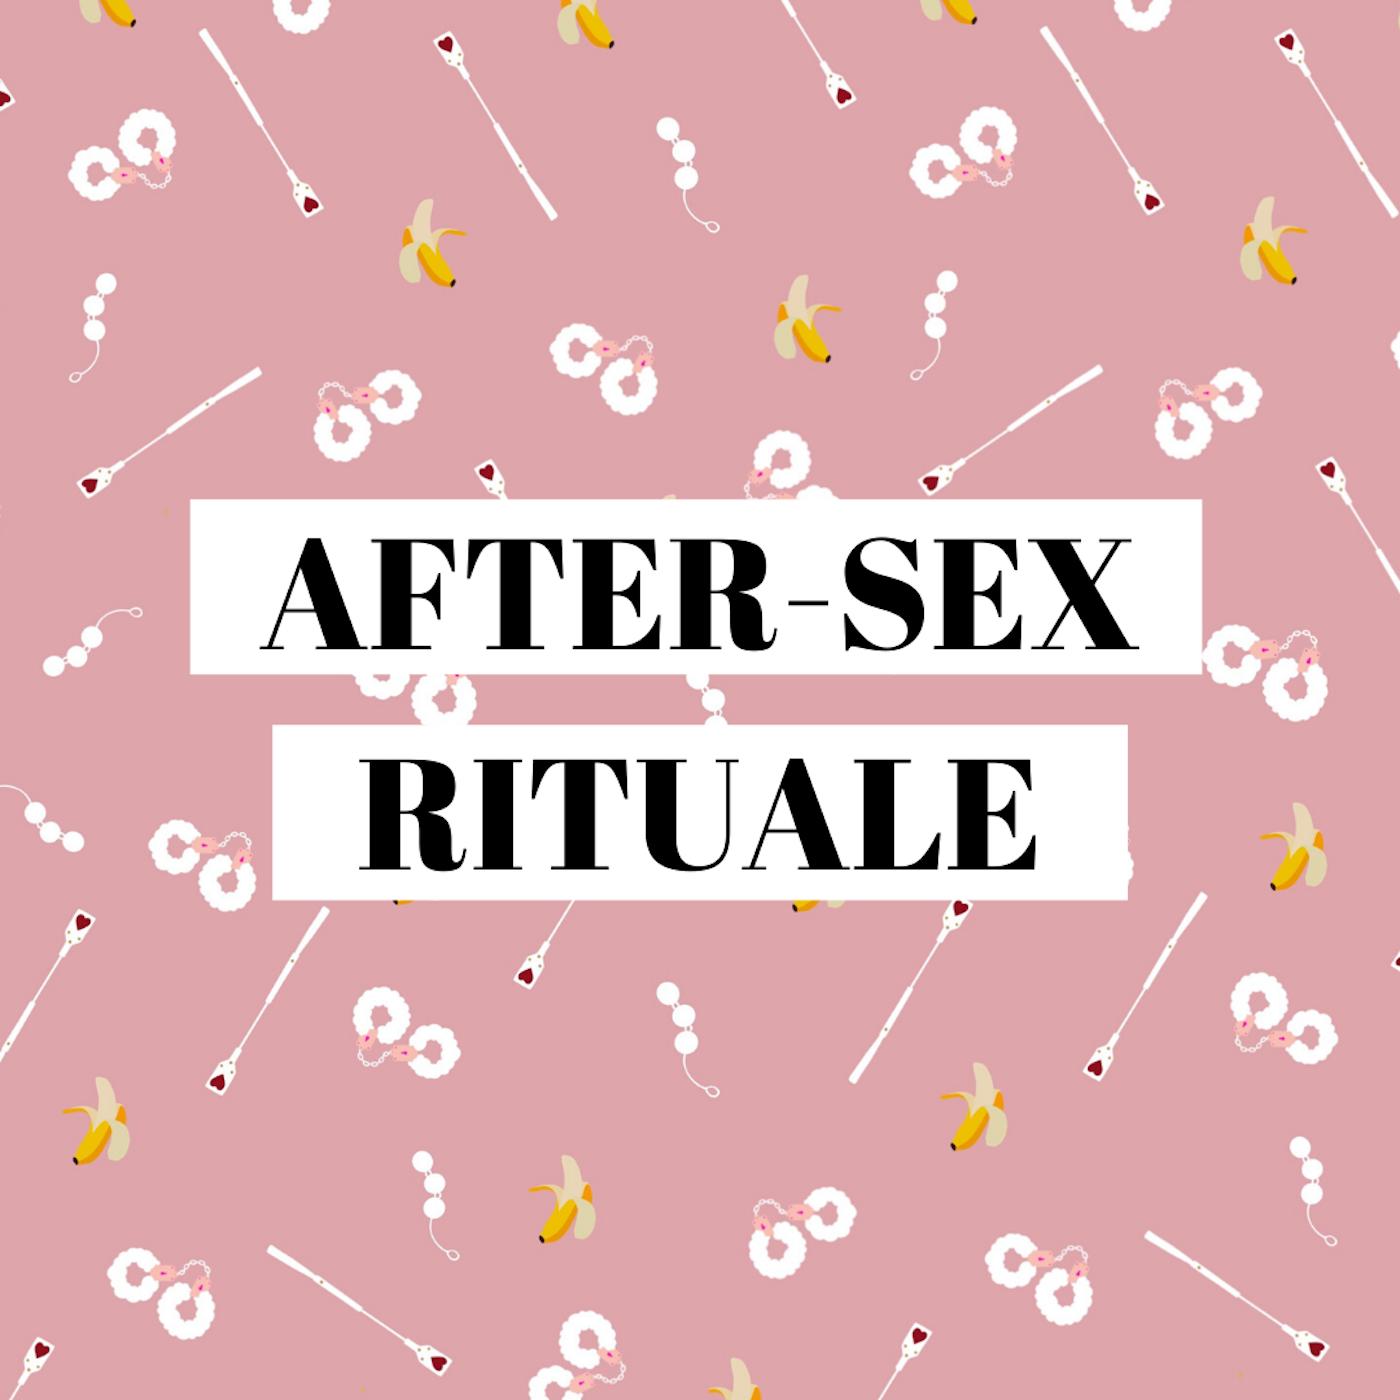 Rituale nach dem Sex